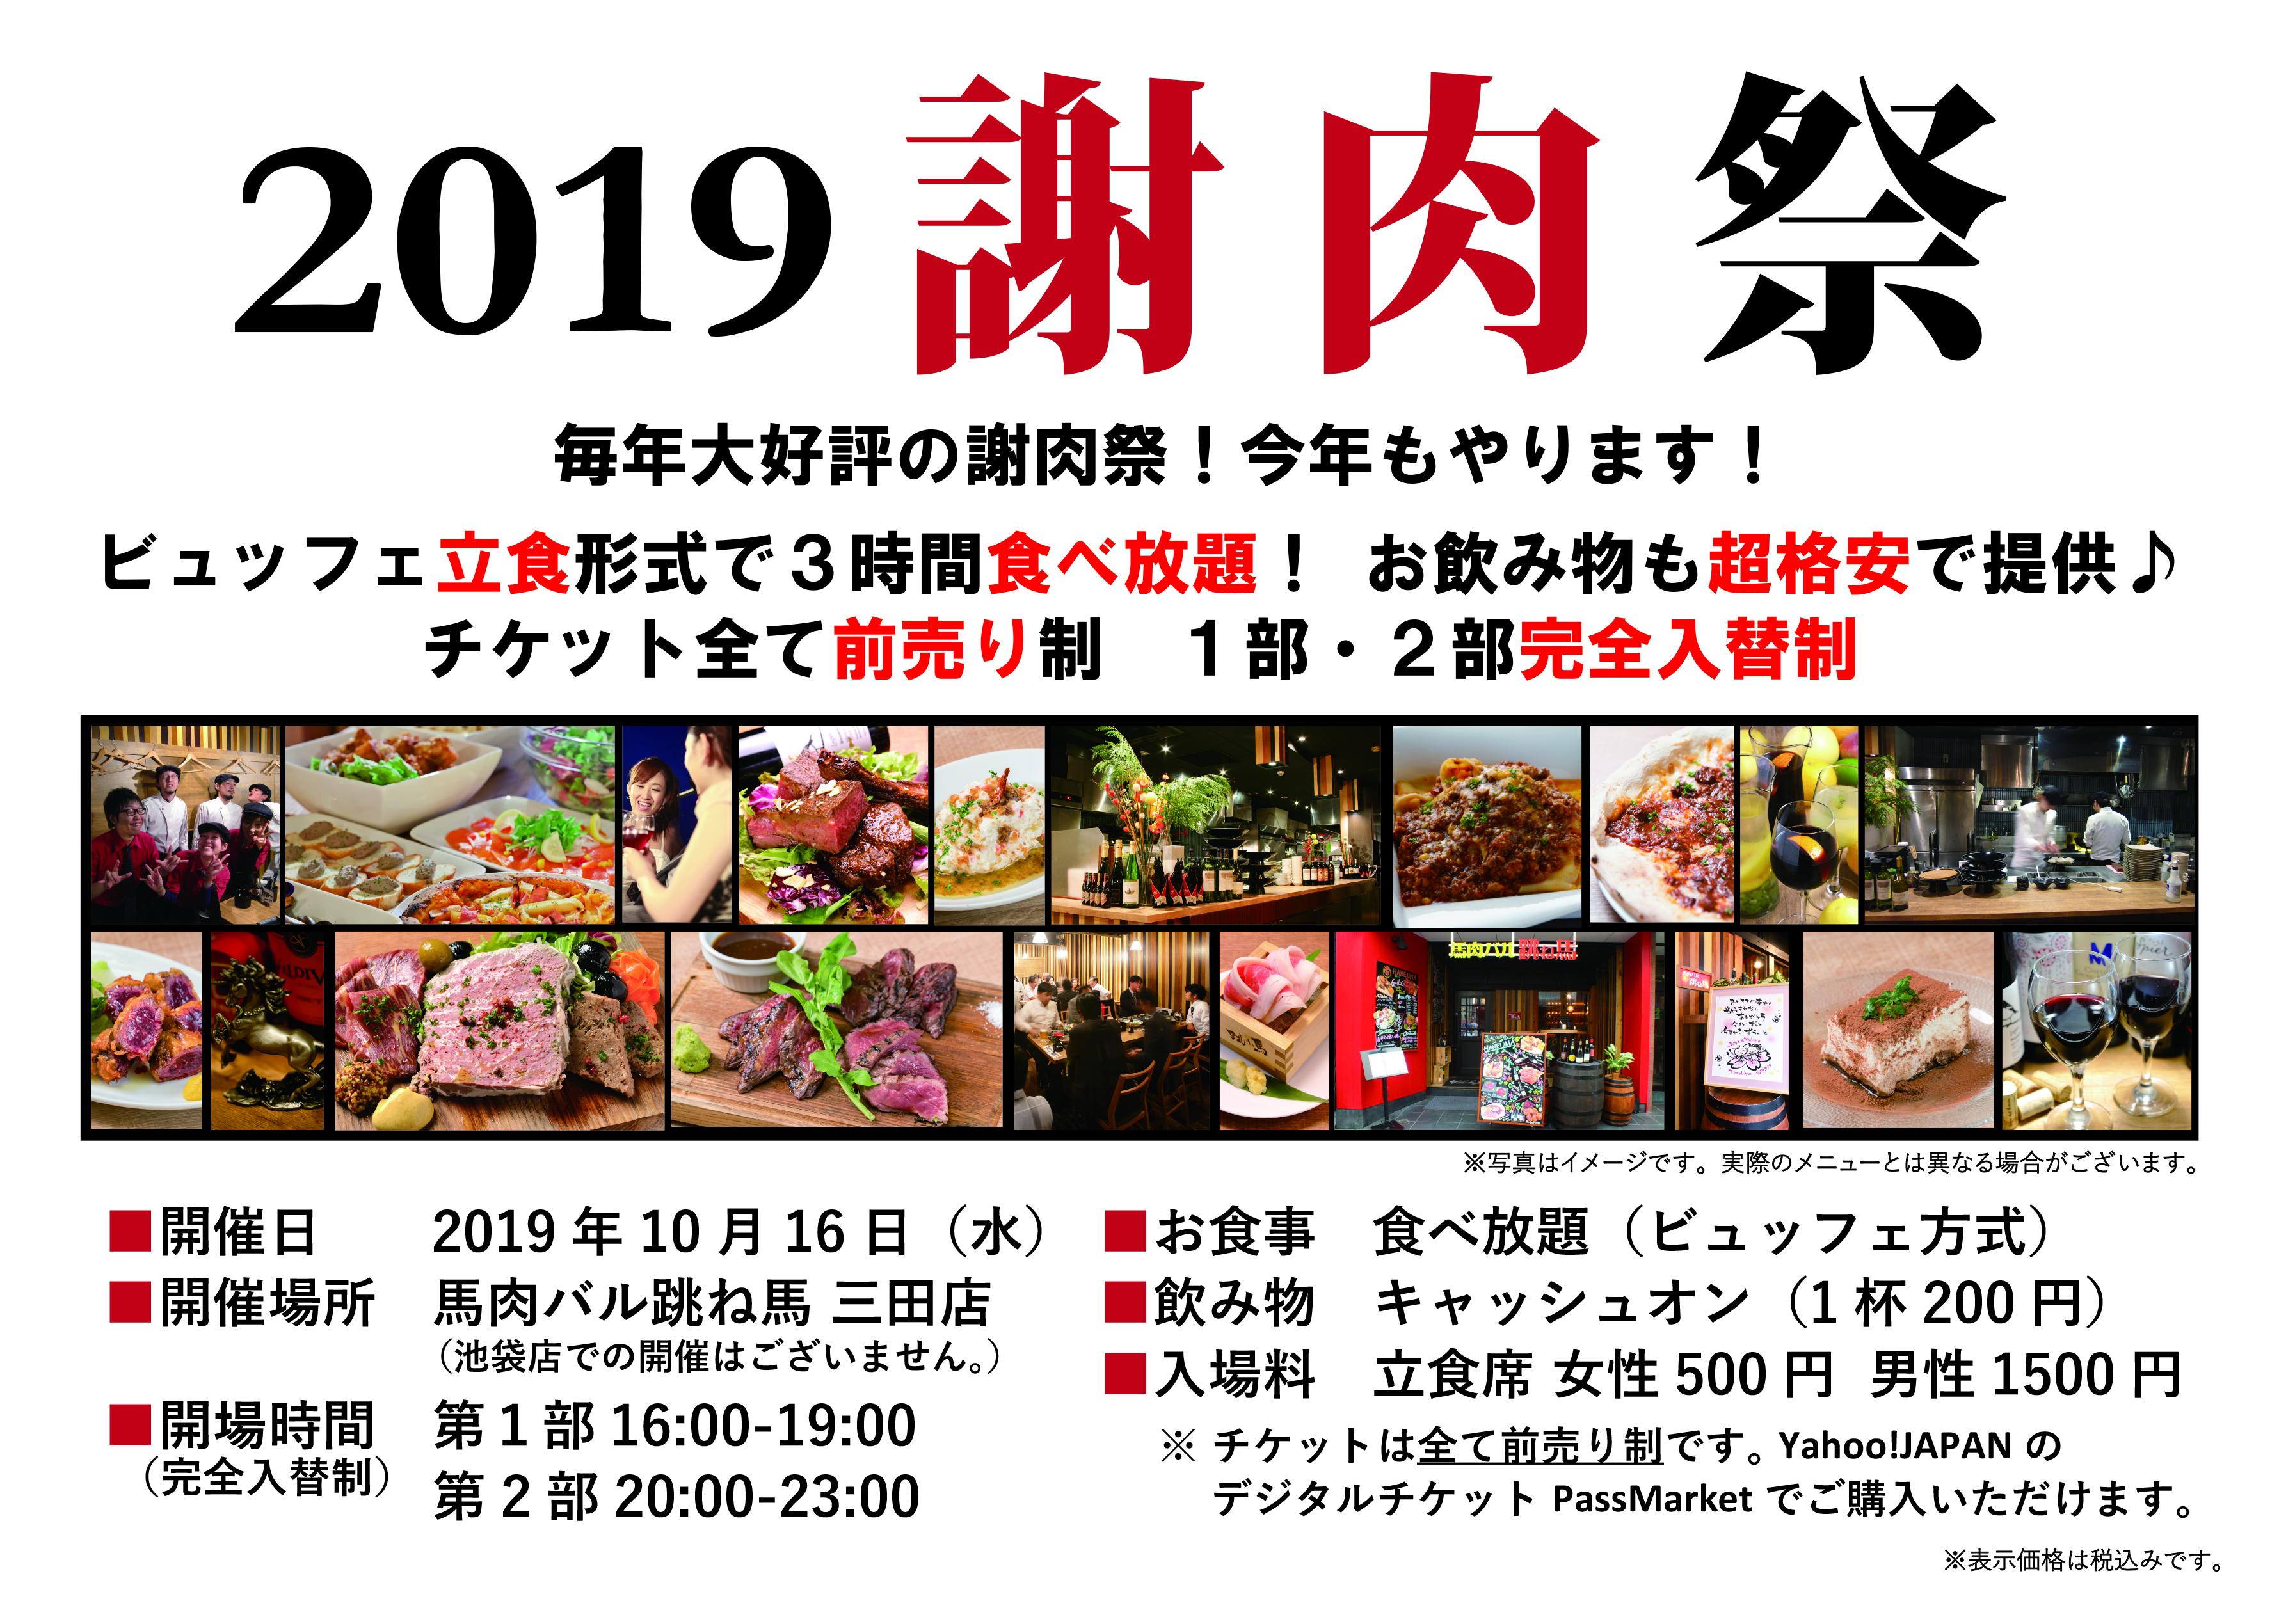 【三田店 食べ放題イベント】謝肉祭開催のお知らせ!